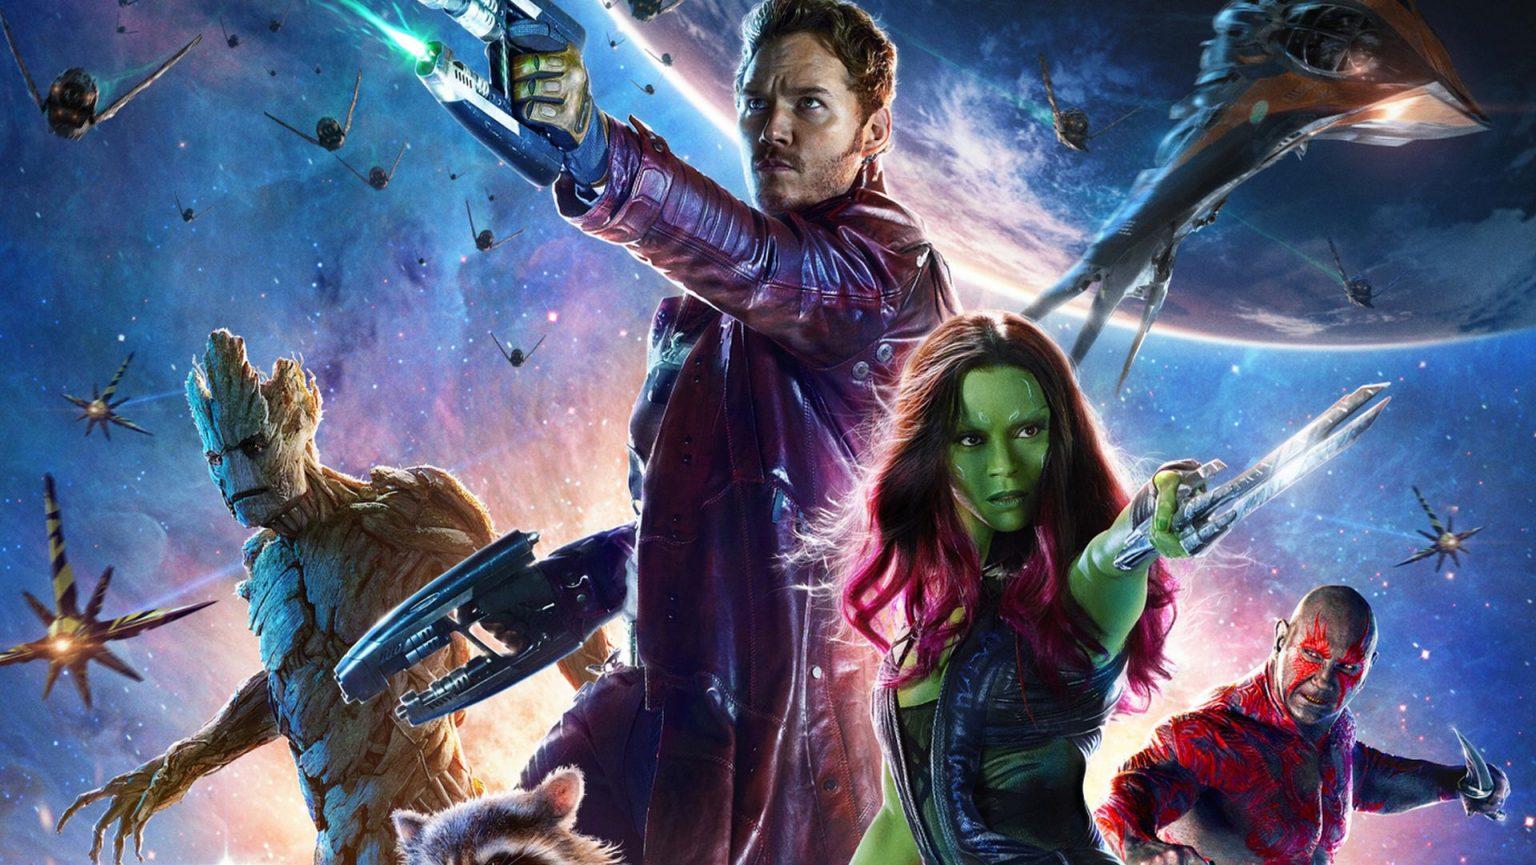 شایعه: احتمال رونمایی از بازی Guardians of the Galaxy در بخش اسکوئر انیکس در رویداد E3 2021